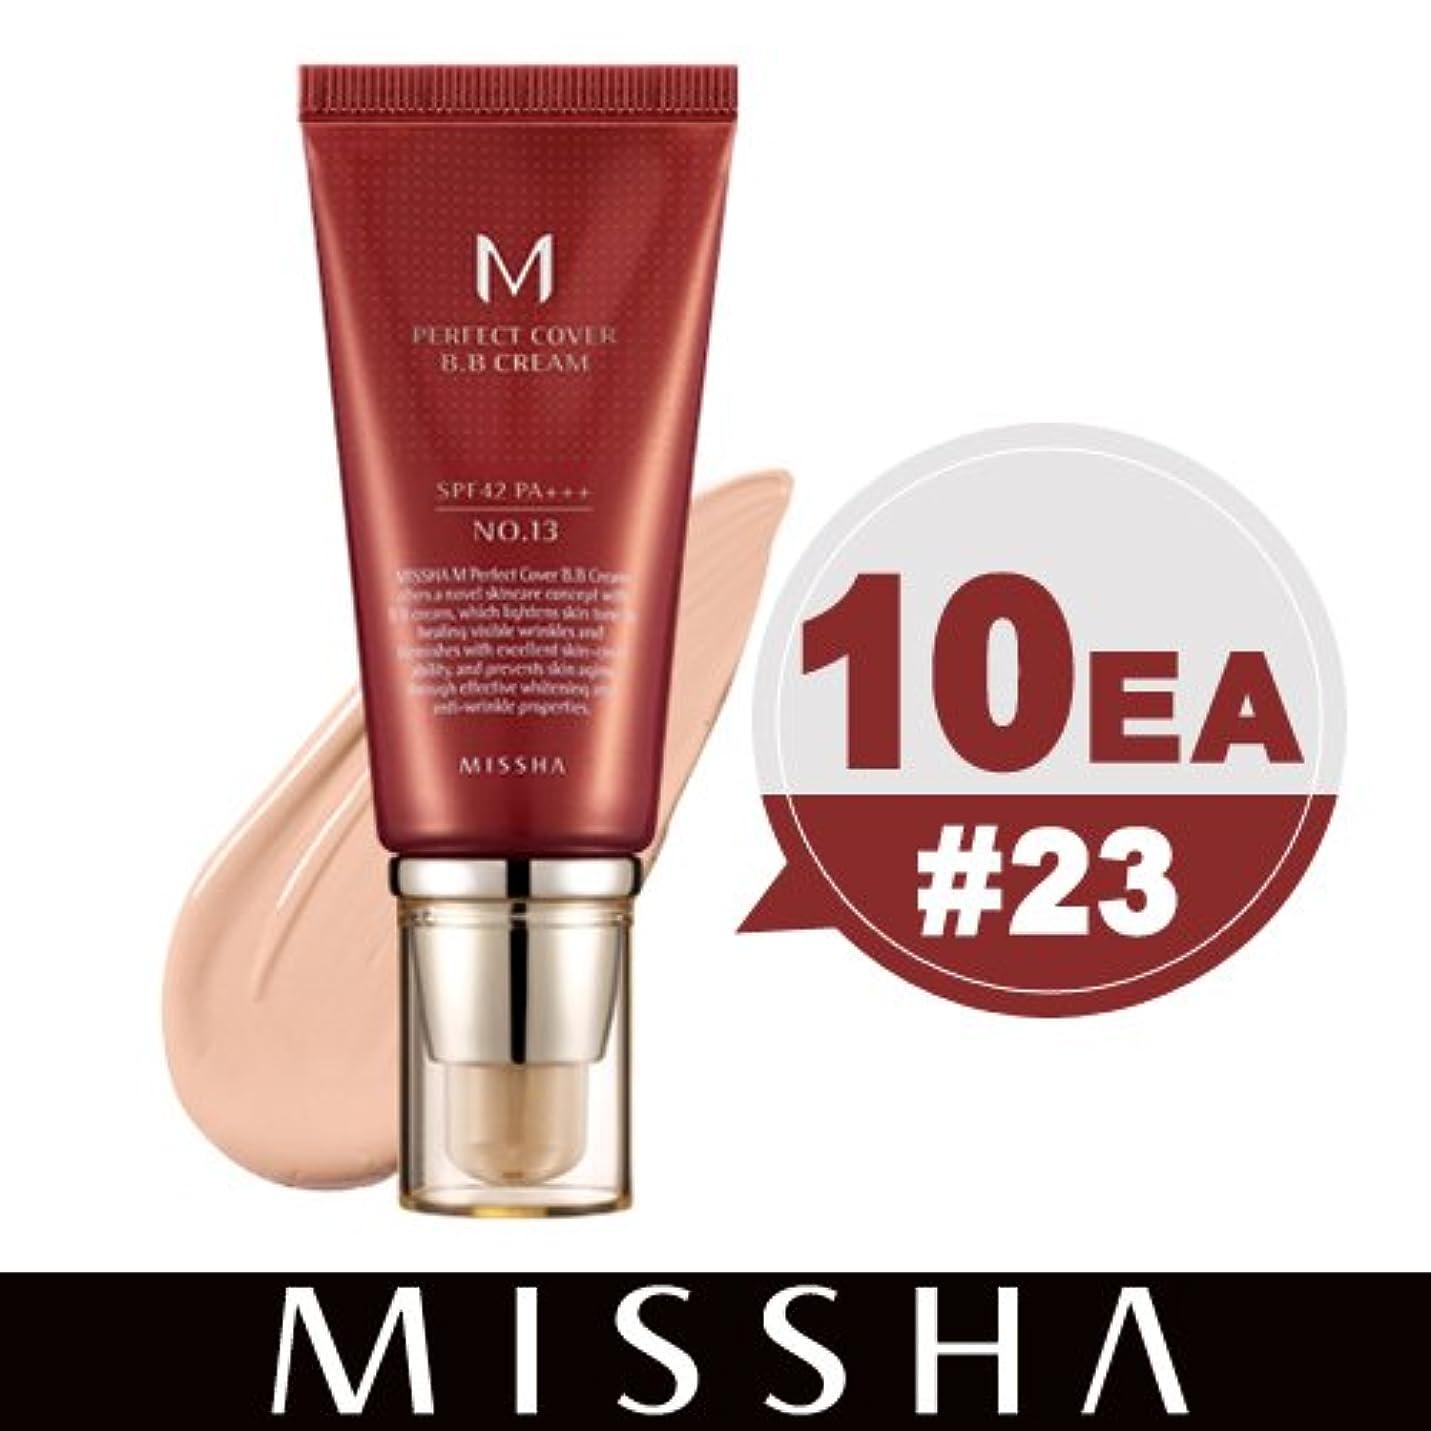 維持する魅惑するアーサーコナンドイル[MISSHA/ミシャ] M パーフェクトカバーBBクリーム UV SPF42 PA+++ (No.23)10本 セット [HONEST SKIN海外直送品]